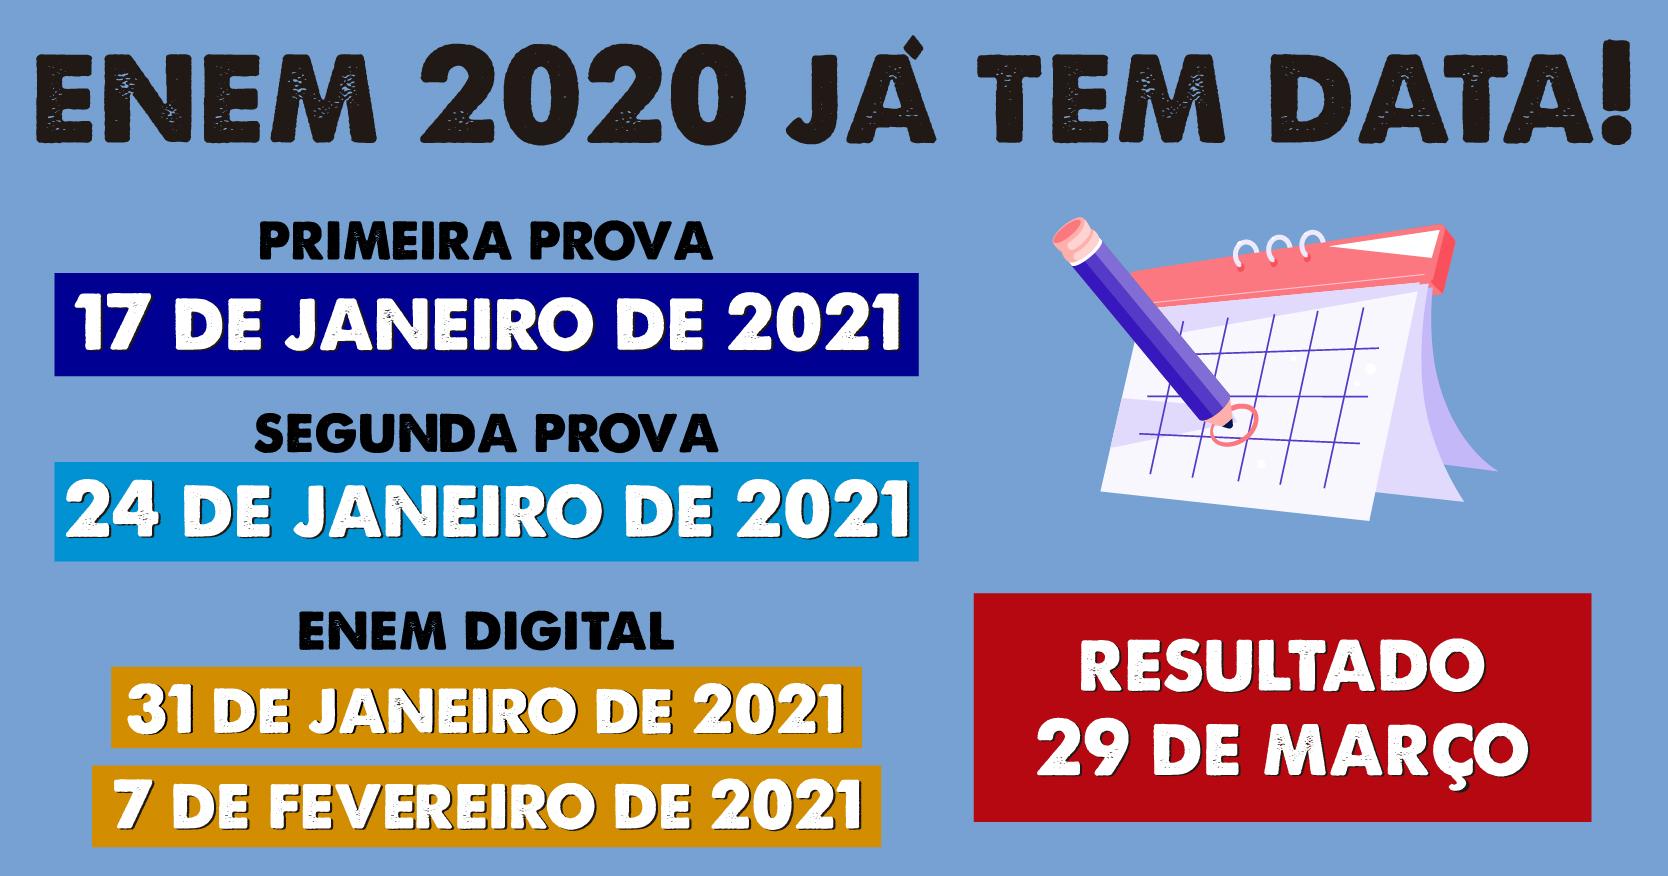 data enem 2020